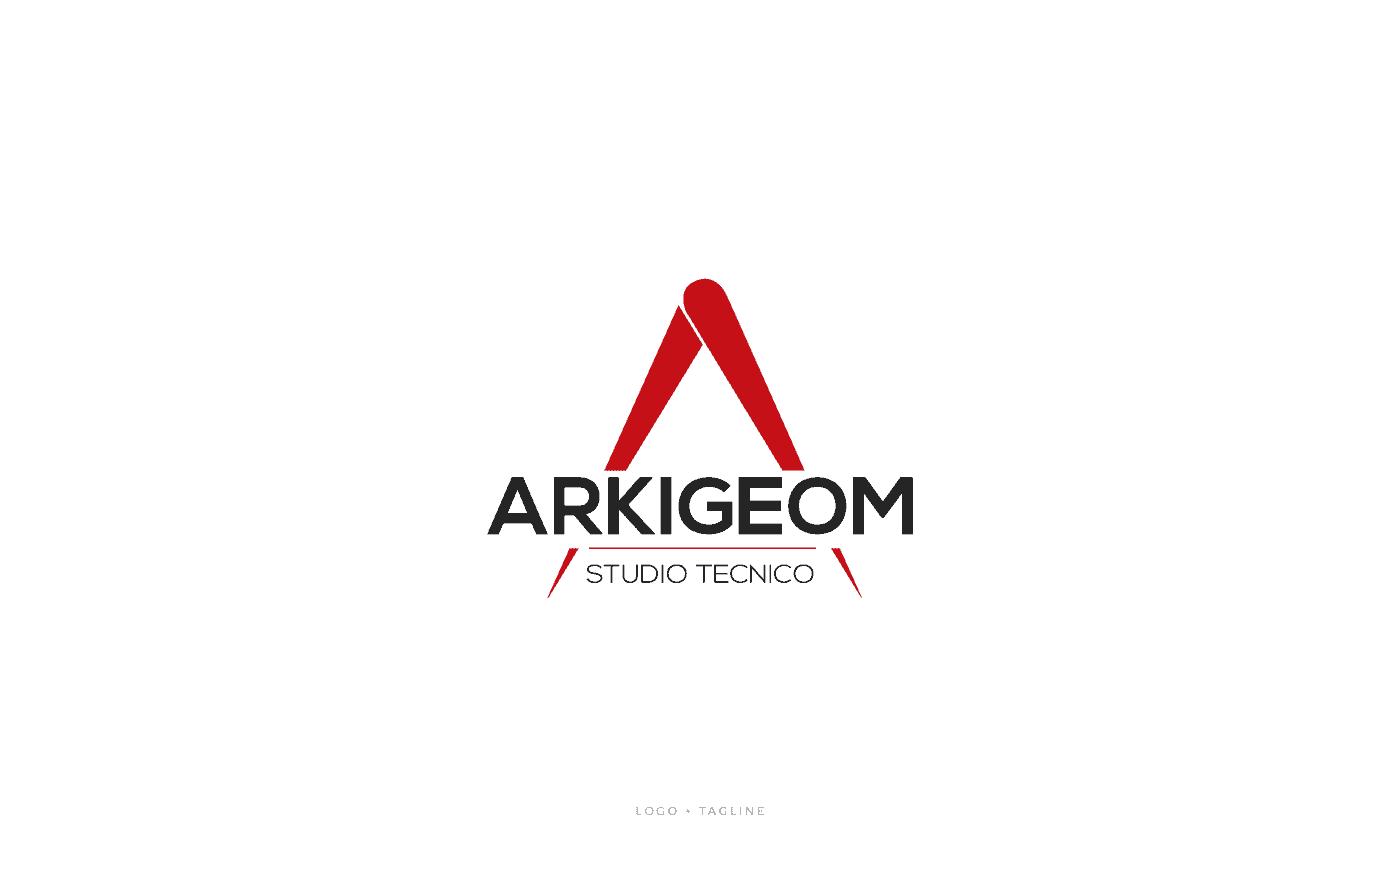 Studio Tecnico Arkigeom Logo Tagline